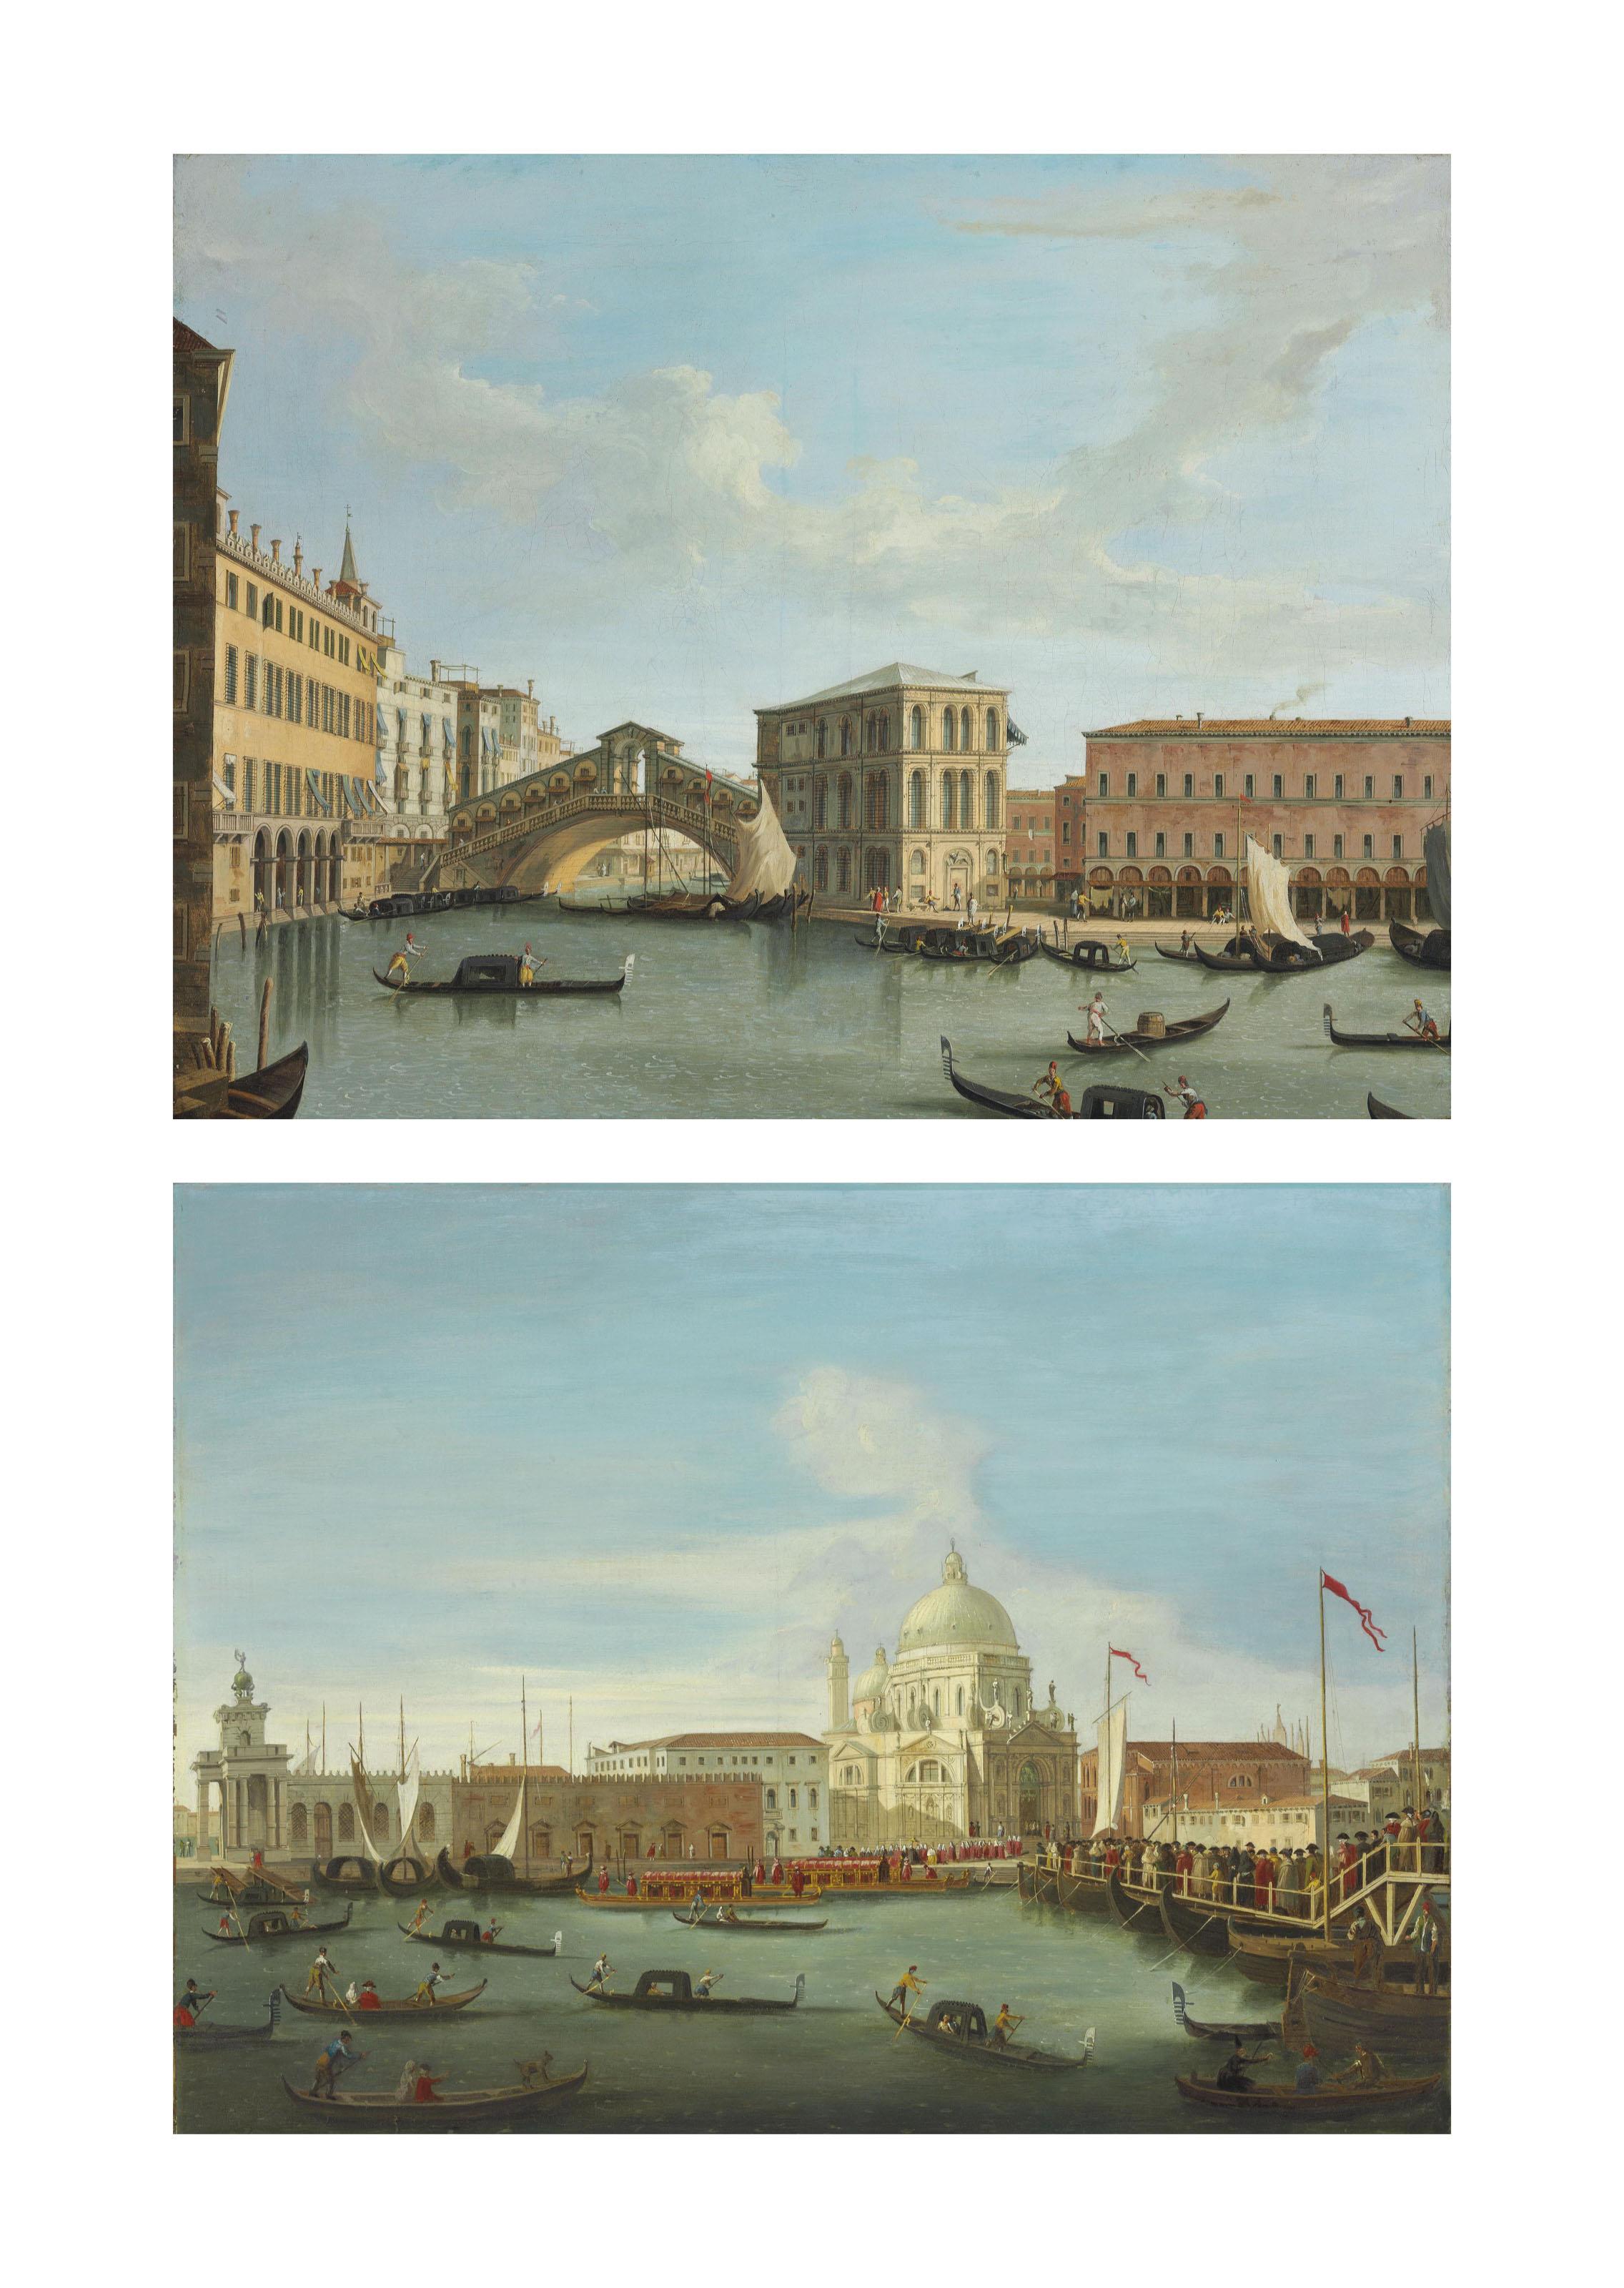 View of the Rialto Bridge, Venice; and Procession in front of Santa Maria della Salute, Venice